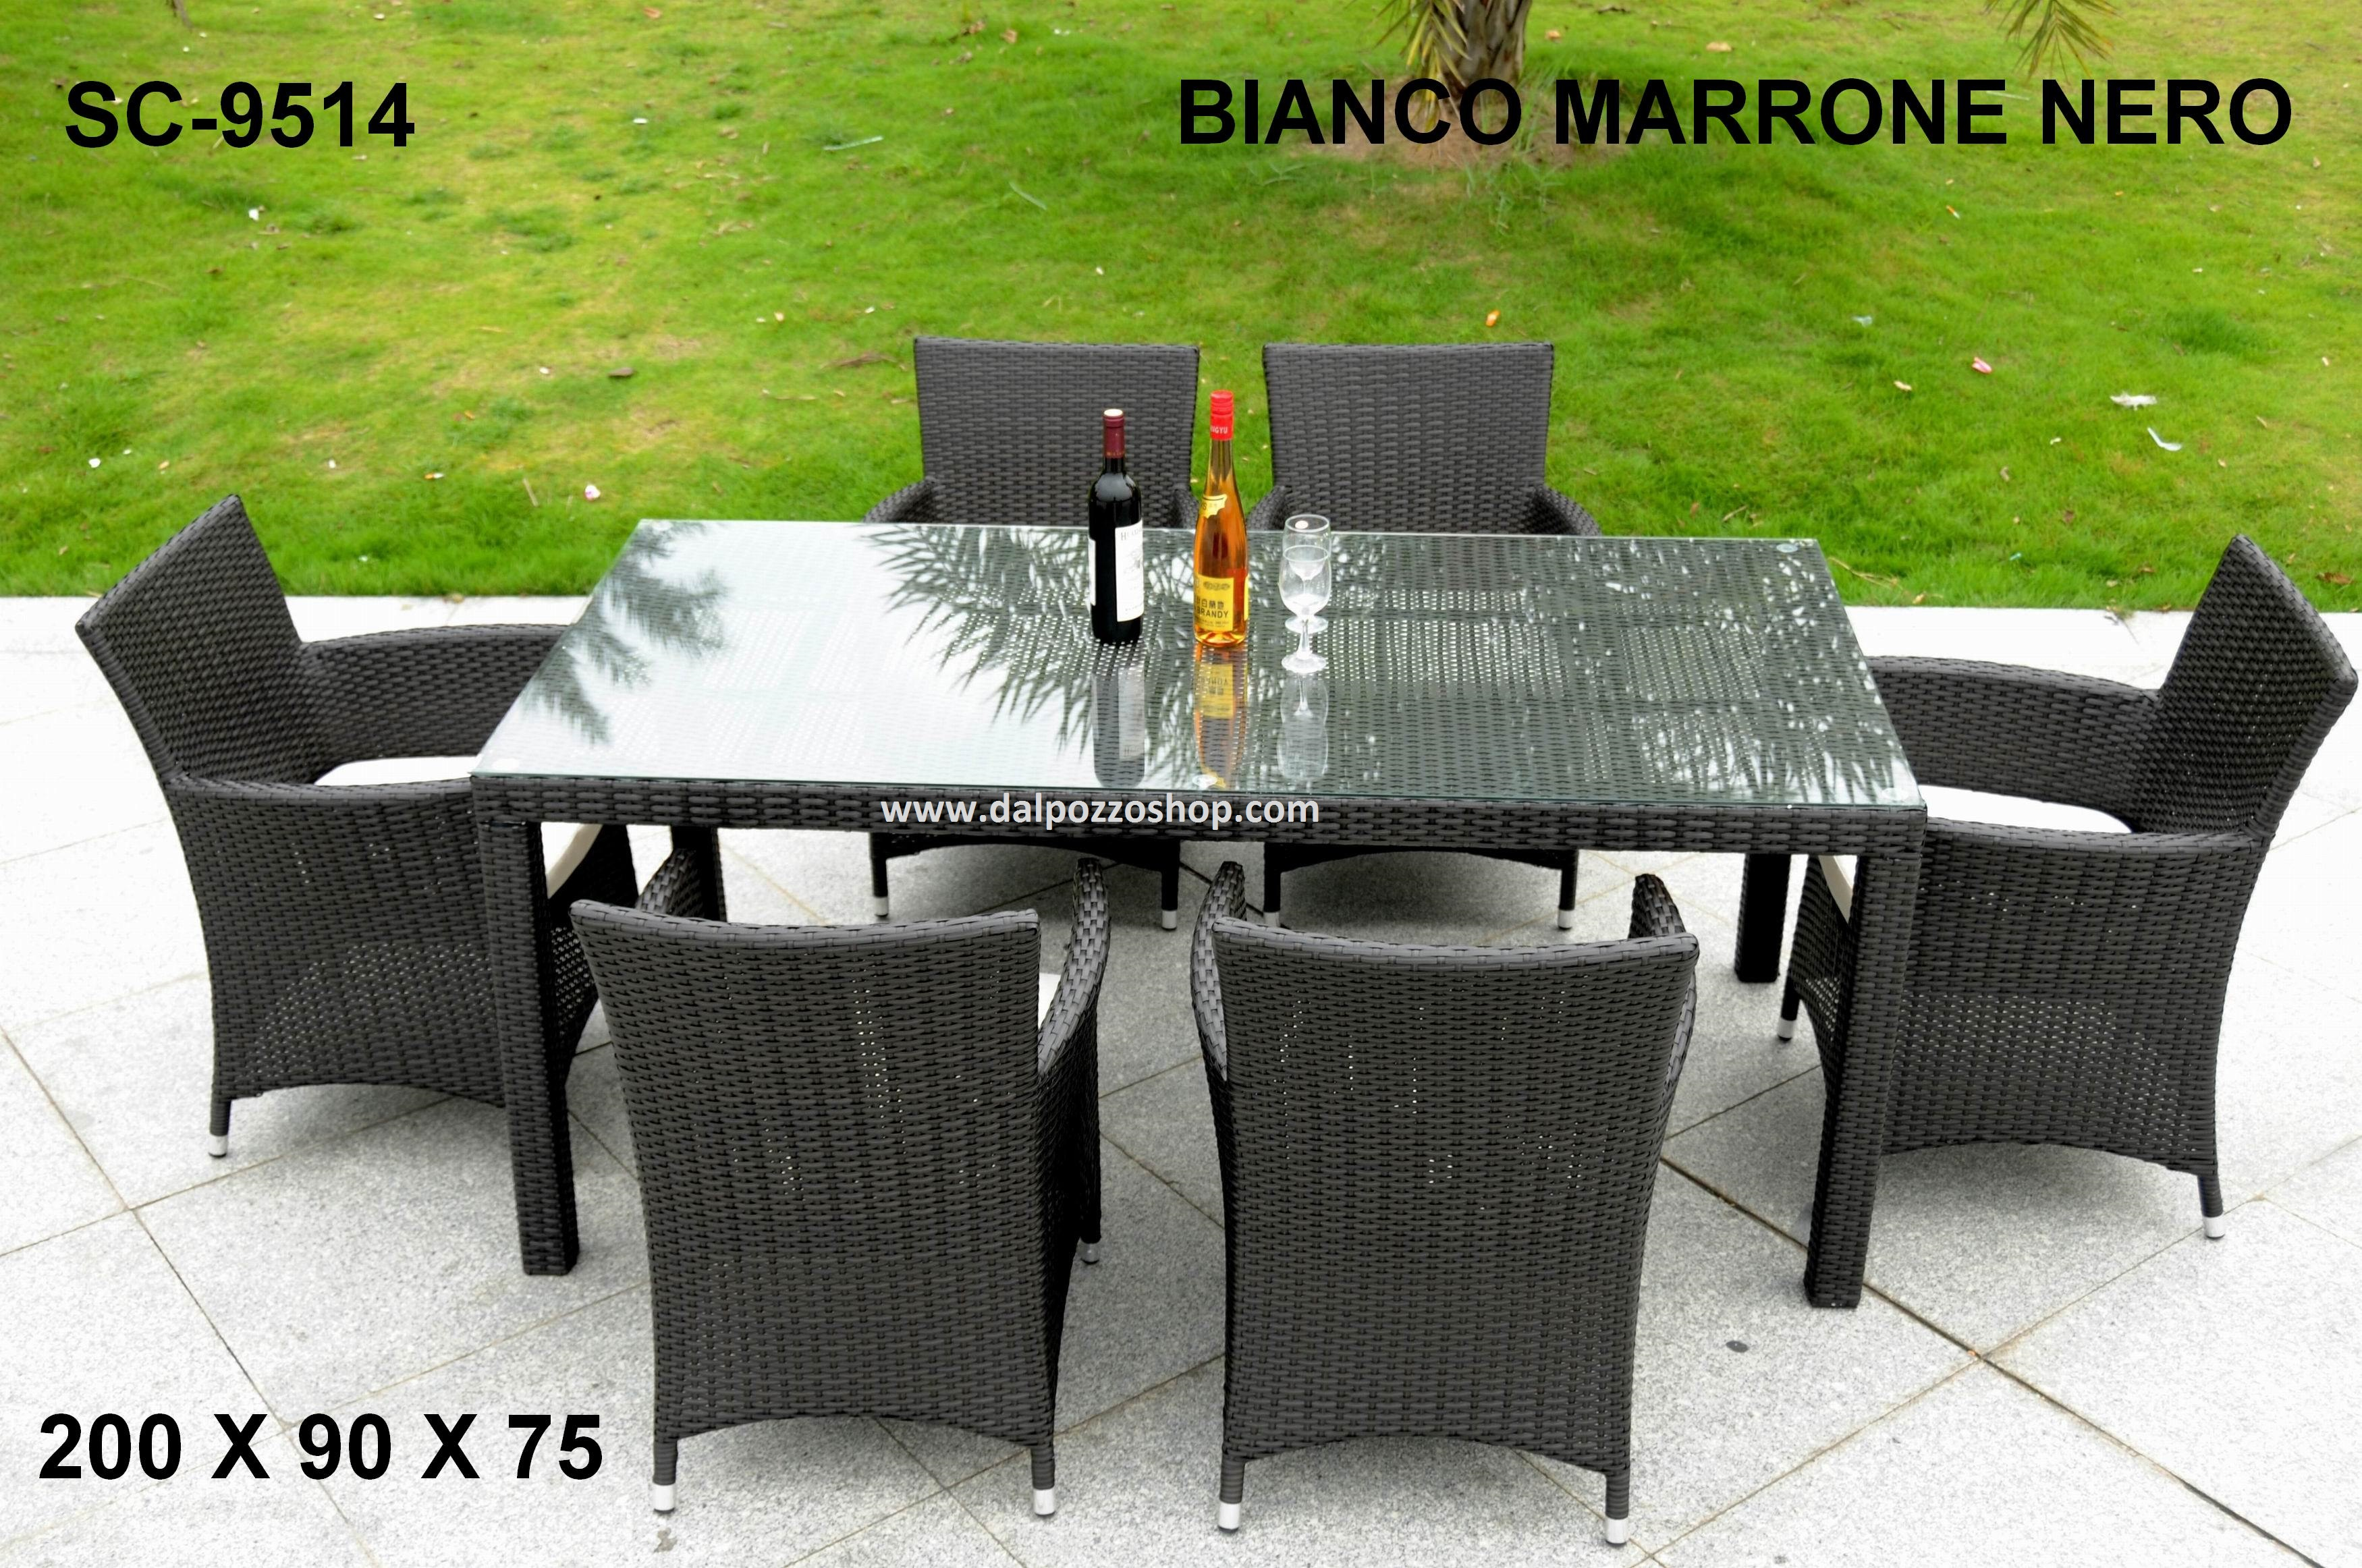 Sedie E Tavoli Da Giardino In Vimini.Mobili Da Giardino Rattan Sintetico Arredamento Per Esterno